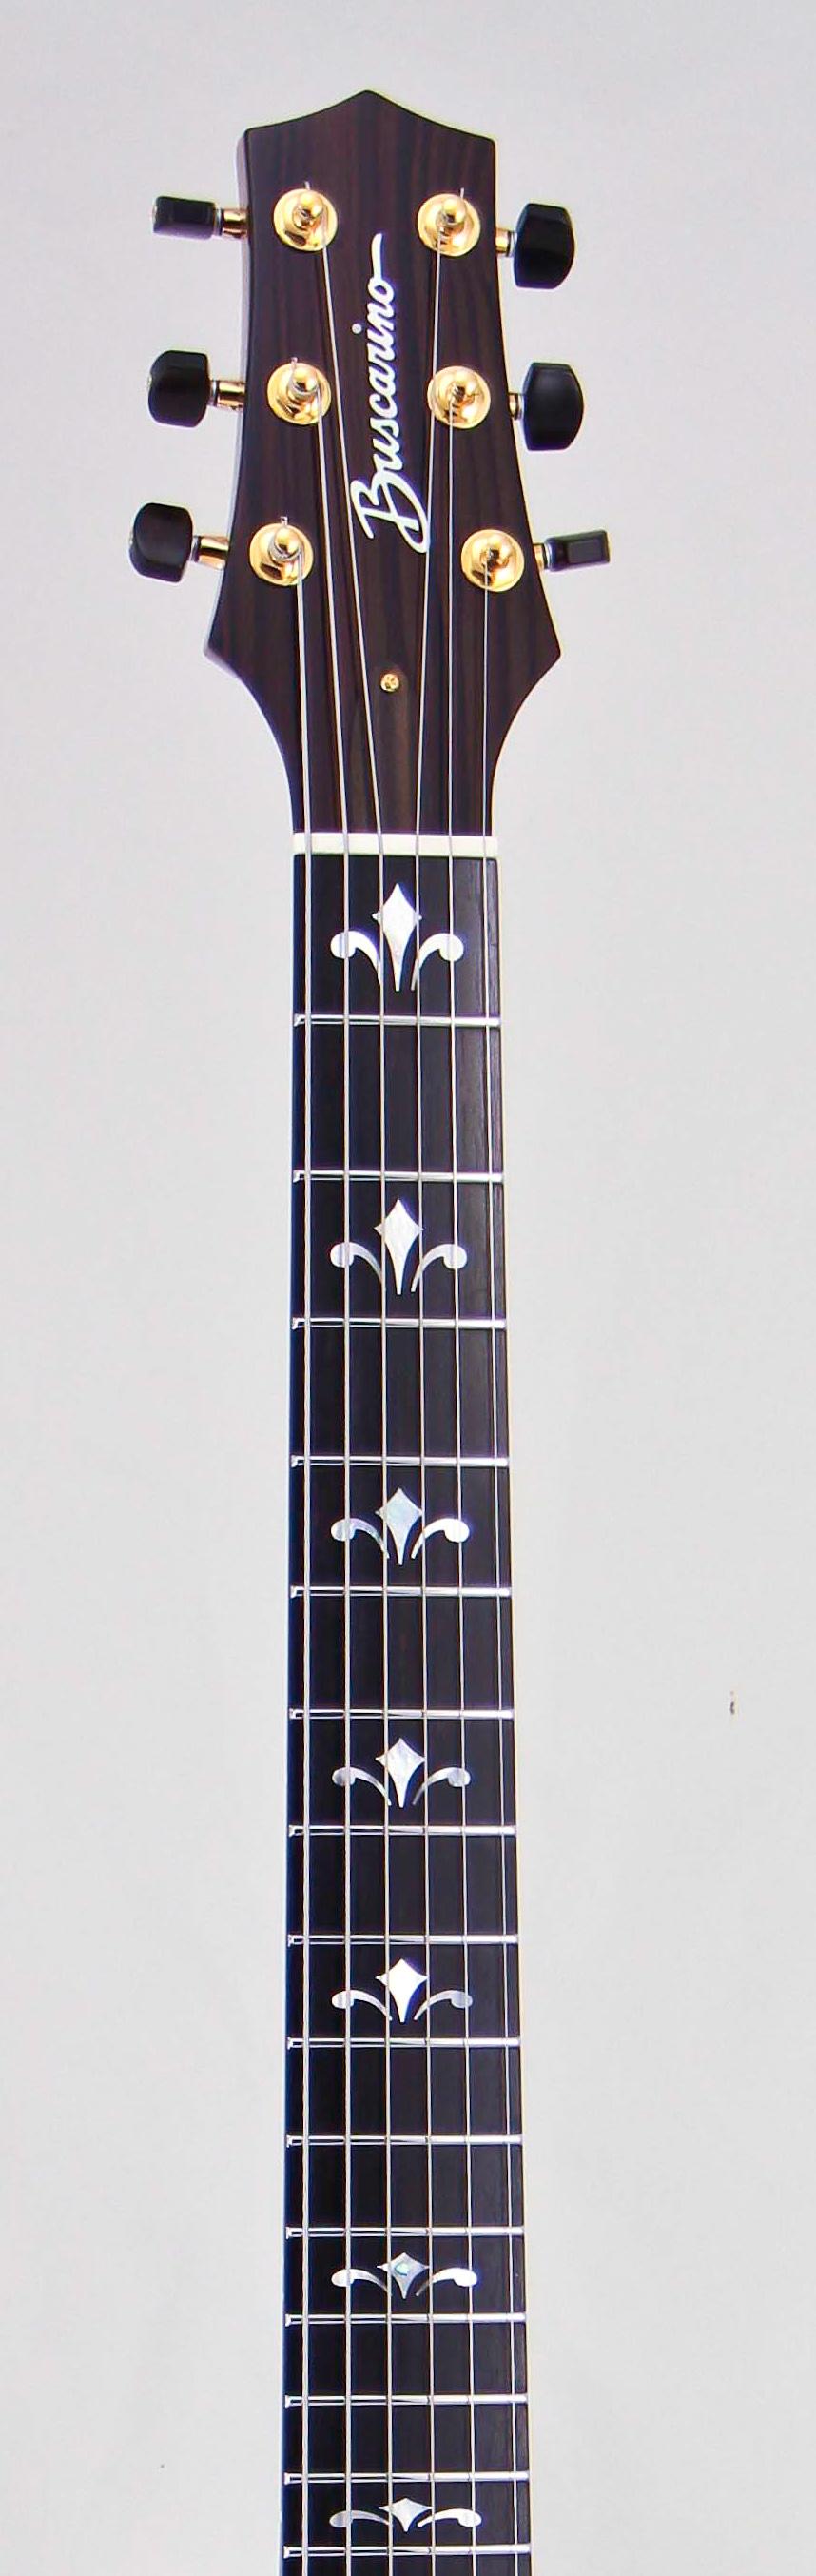 virtinlays-4.JPG